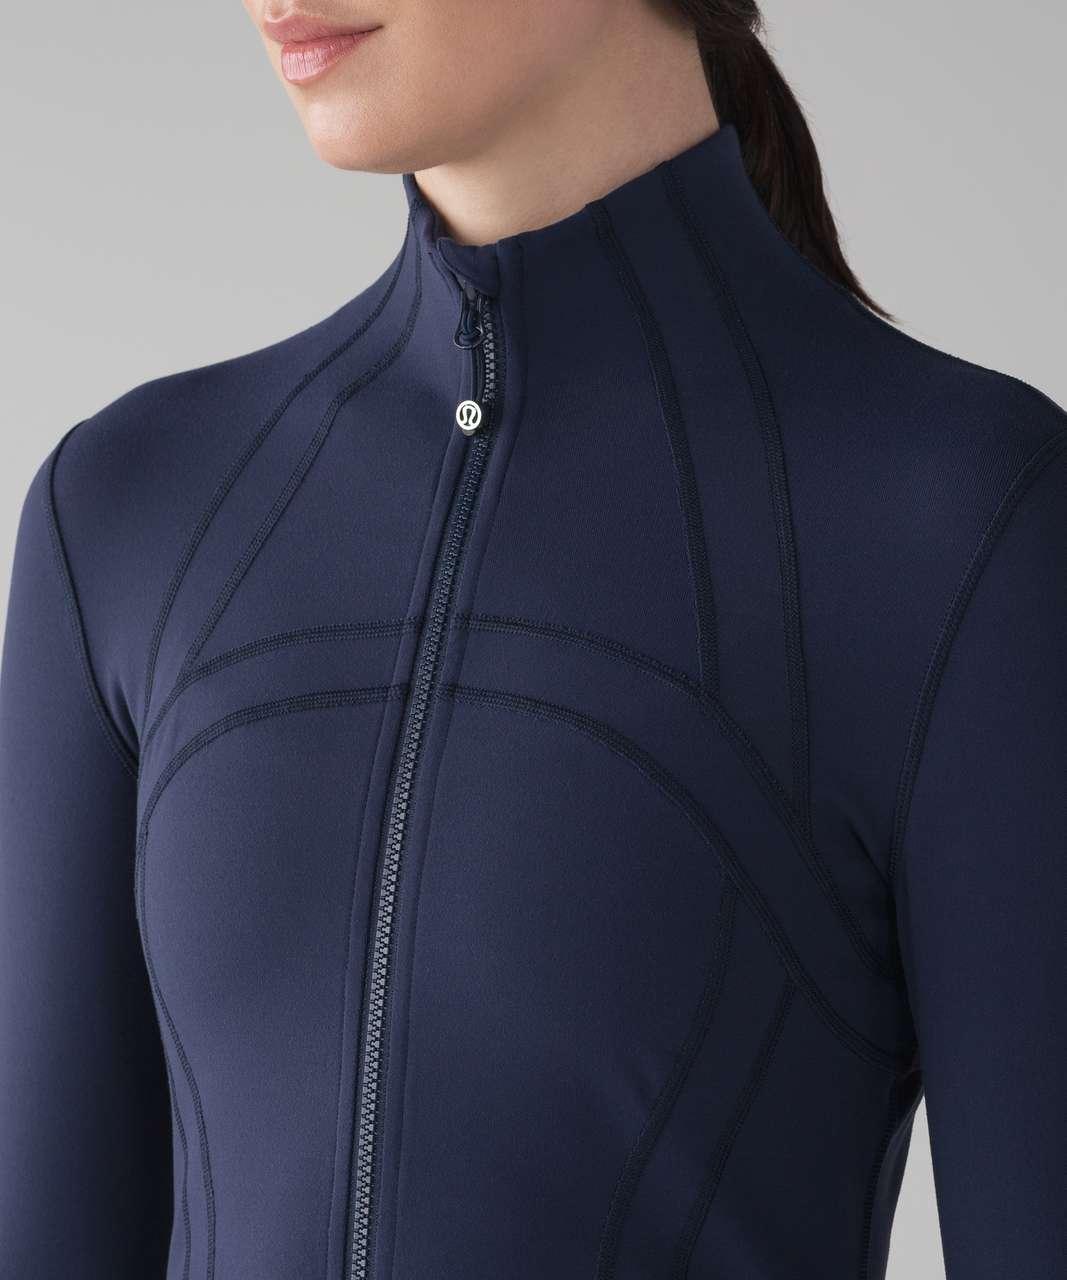 Lululemon Define Jacket - Deep Navy